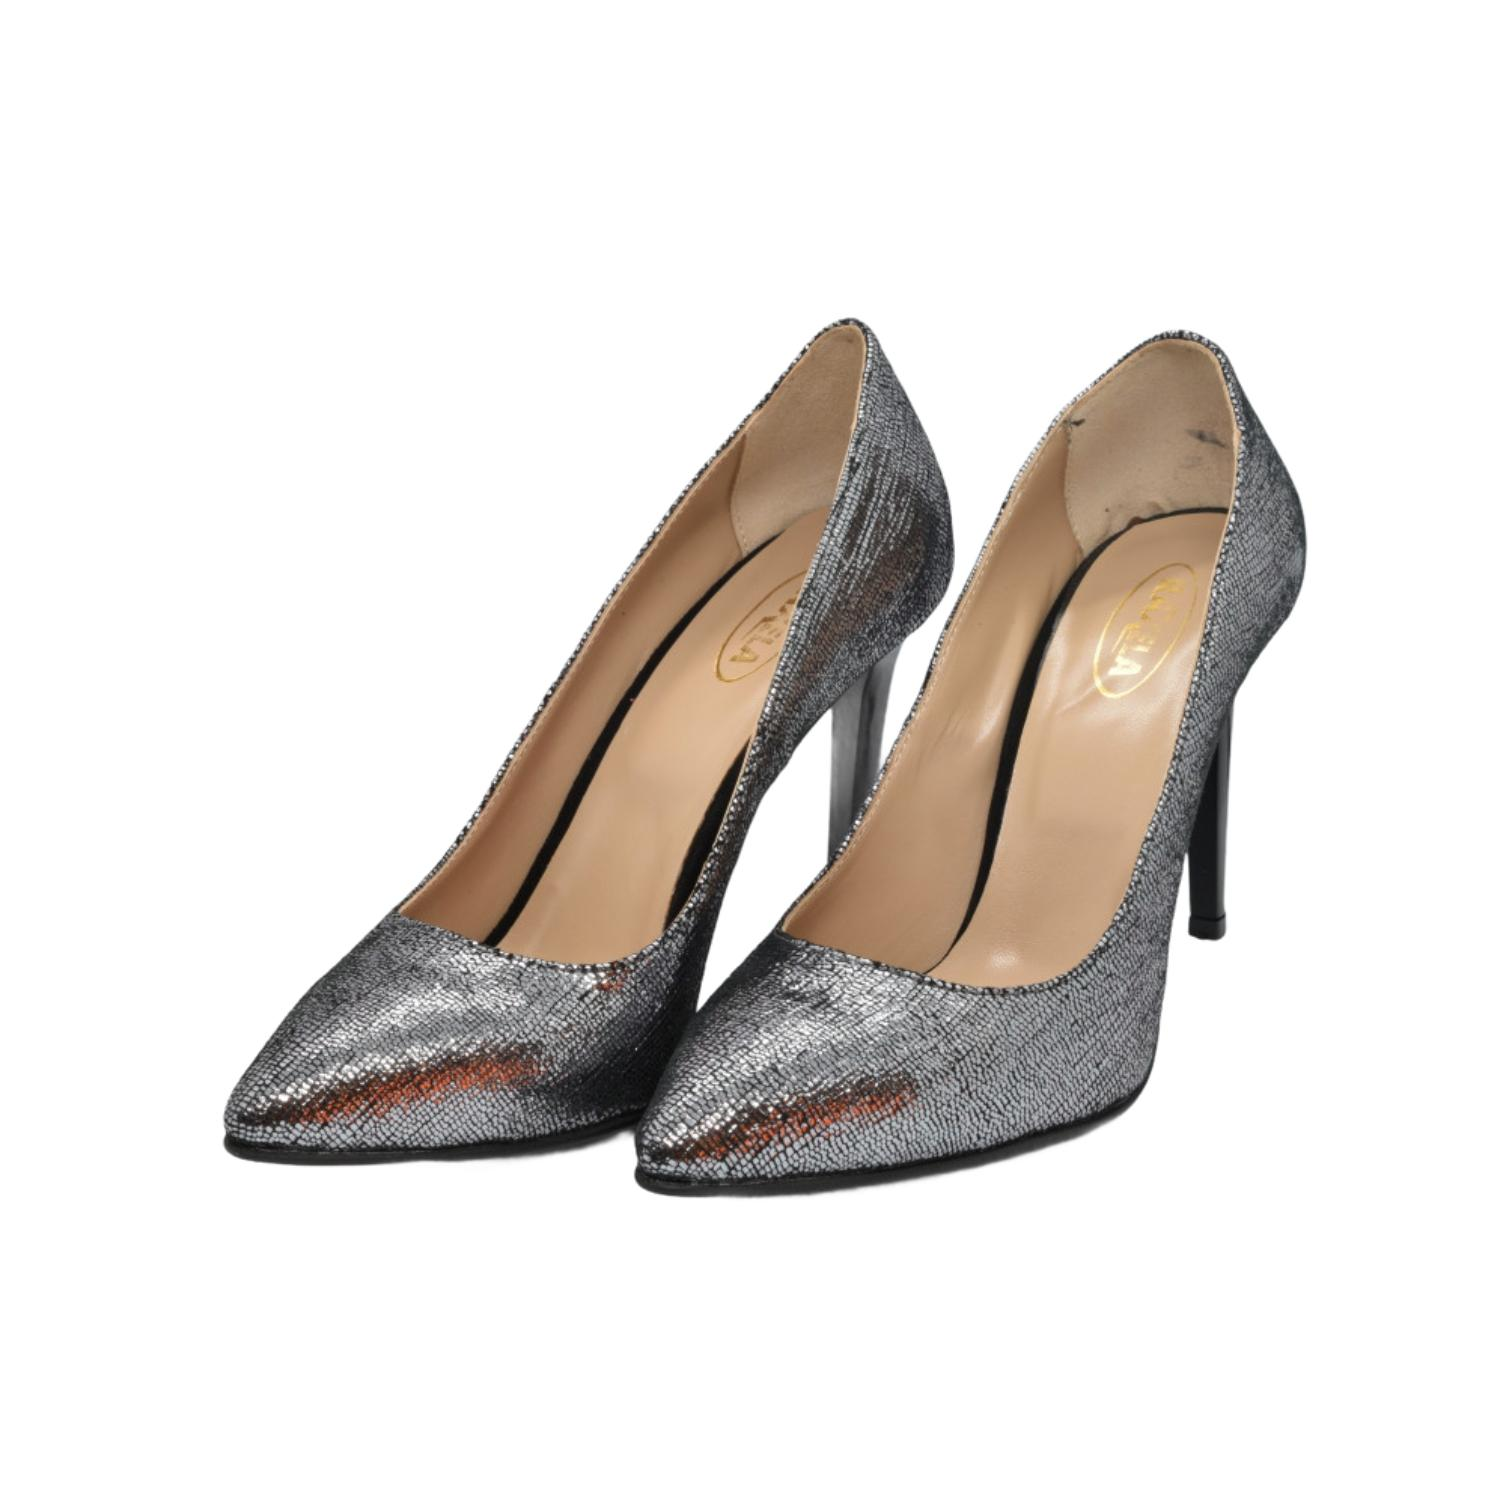 Pantofi stiletto mira argintiu